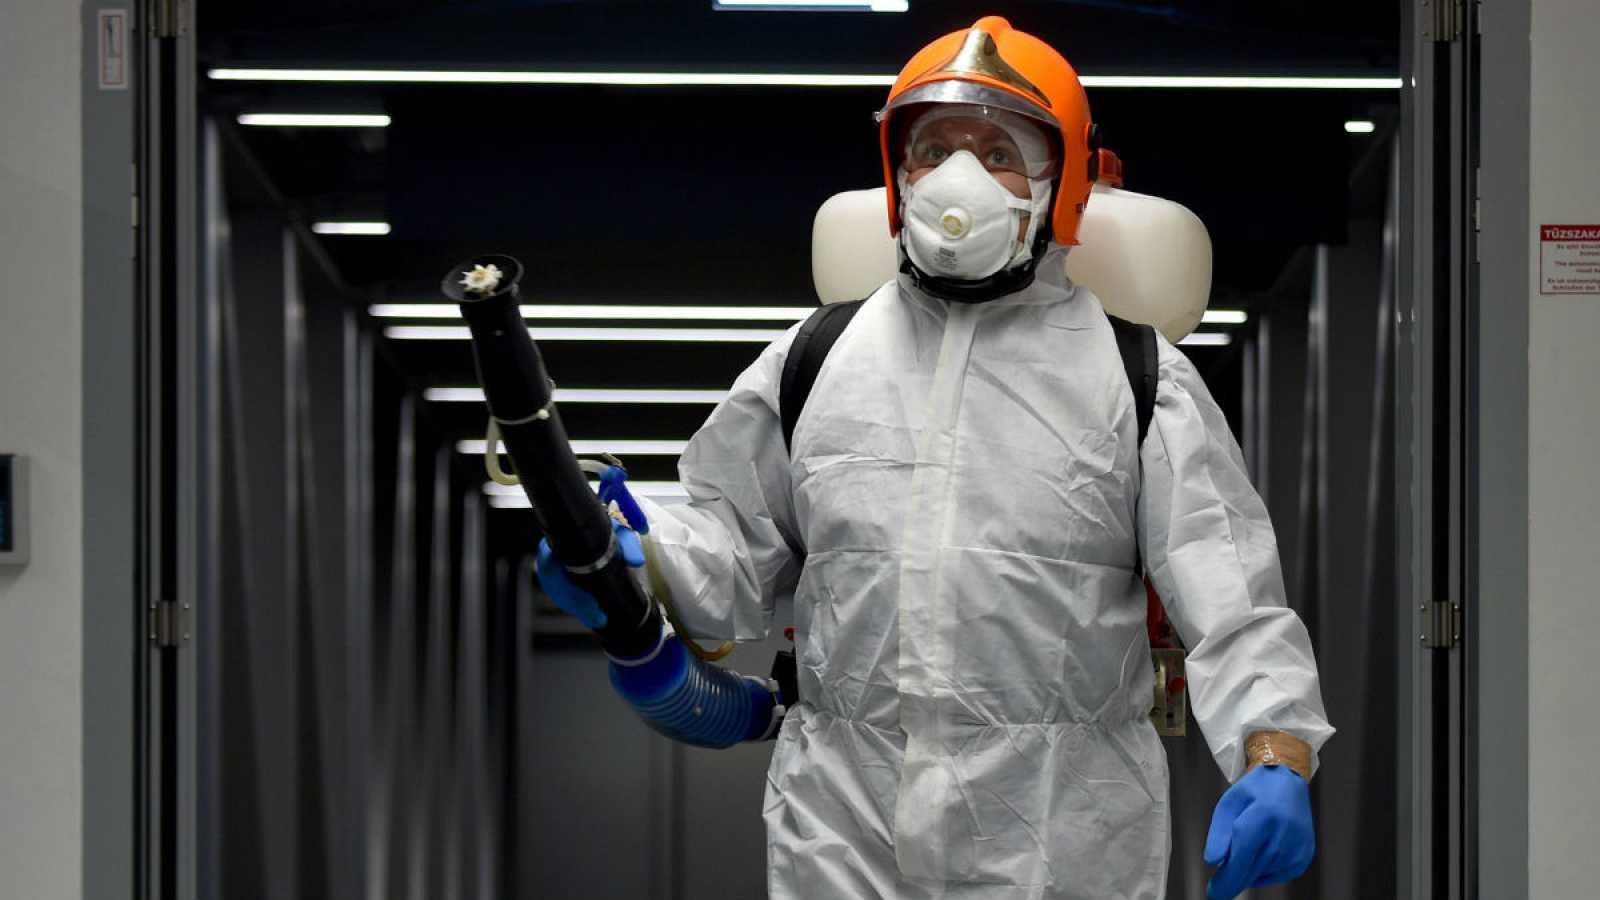 El aeropuerto húngaro Liszt Ferenc Airport, al igual que otras instalaciones similares, se prepara para prevenir la expansión del coronavirus chino.